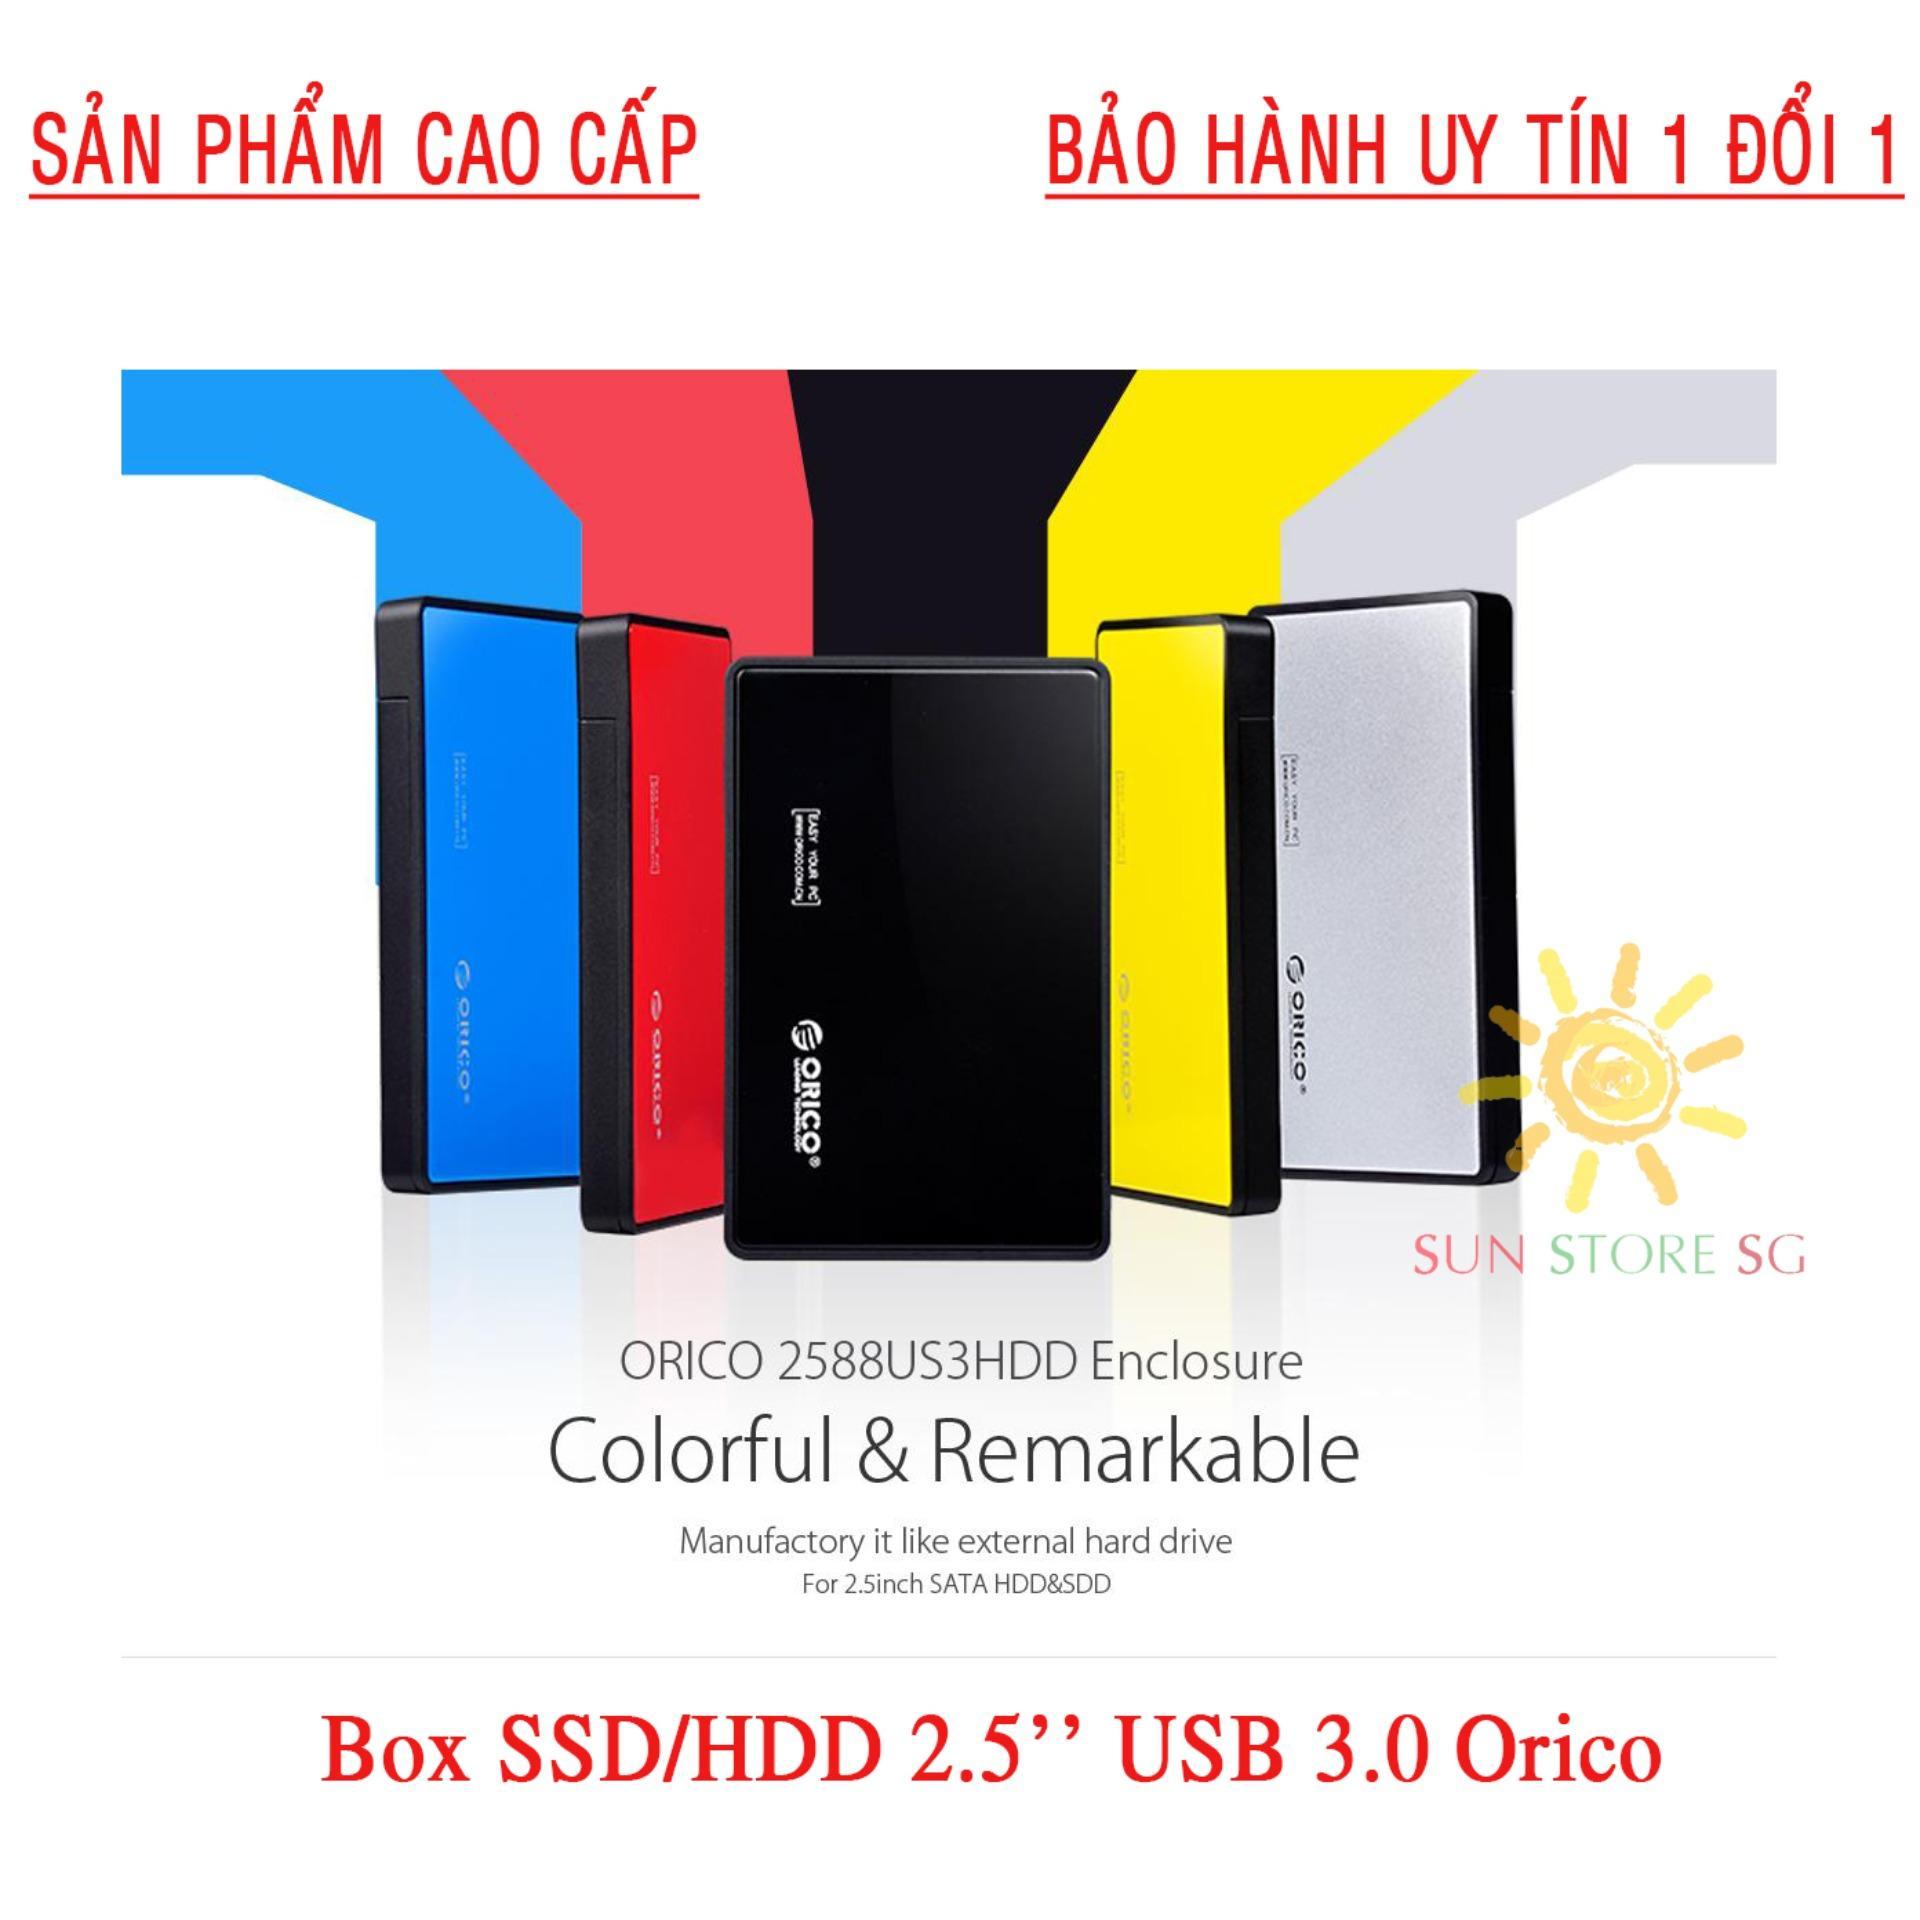 Ổ Cứng 320Gb | BOX ổ cứng di động  SSD & HDD 2.5″ USB 3.0 Orico Dòng Cao Cấp | Nhập khẩu, phân phối & bảo hành 1 đổi 1 bởi SUN STORE SG